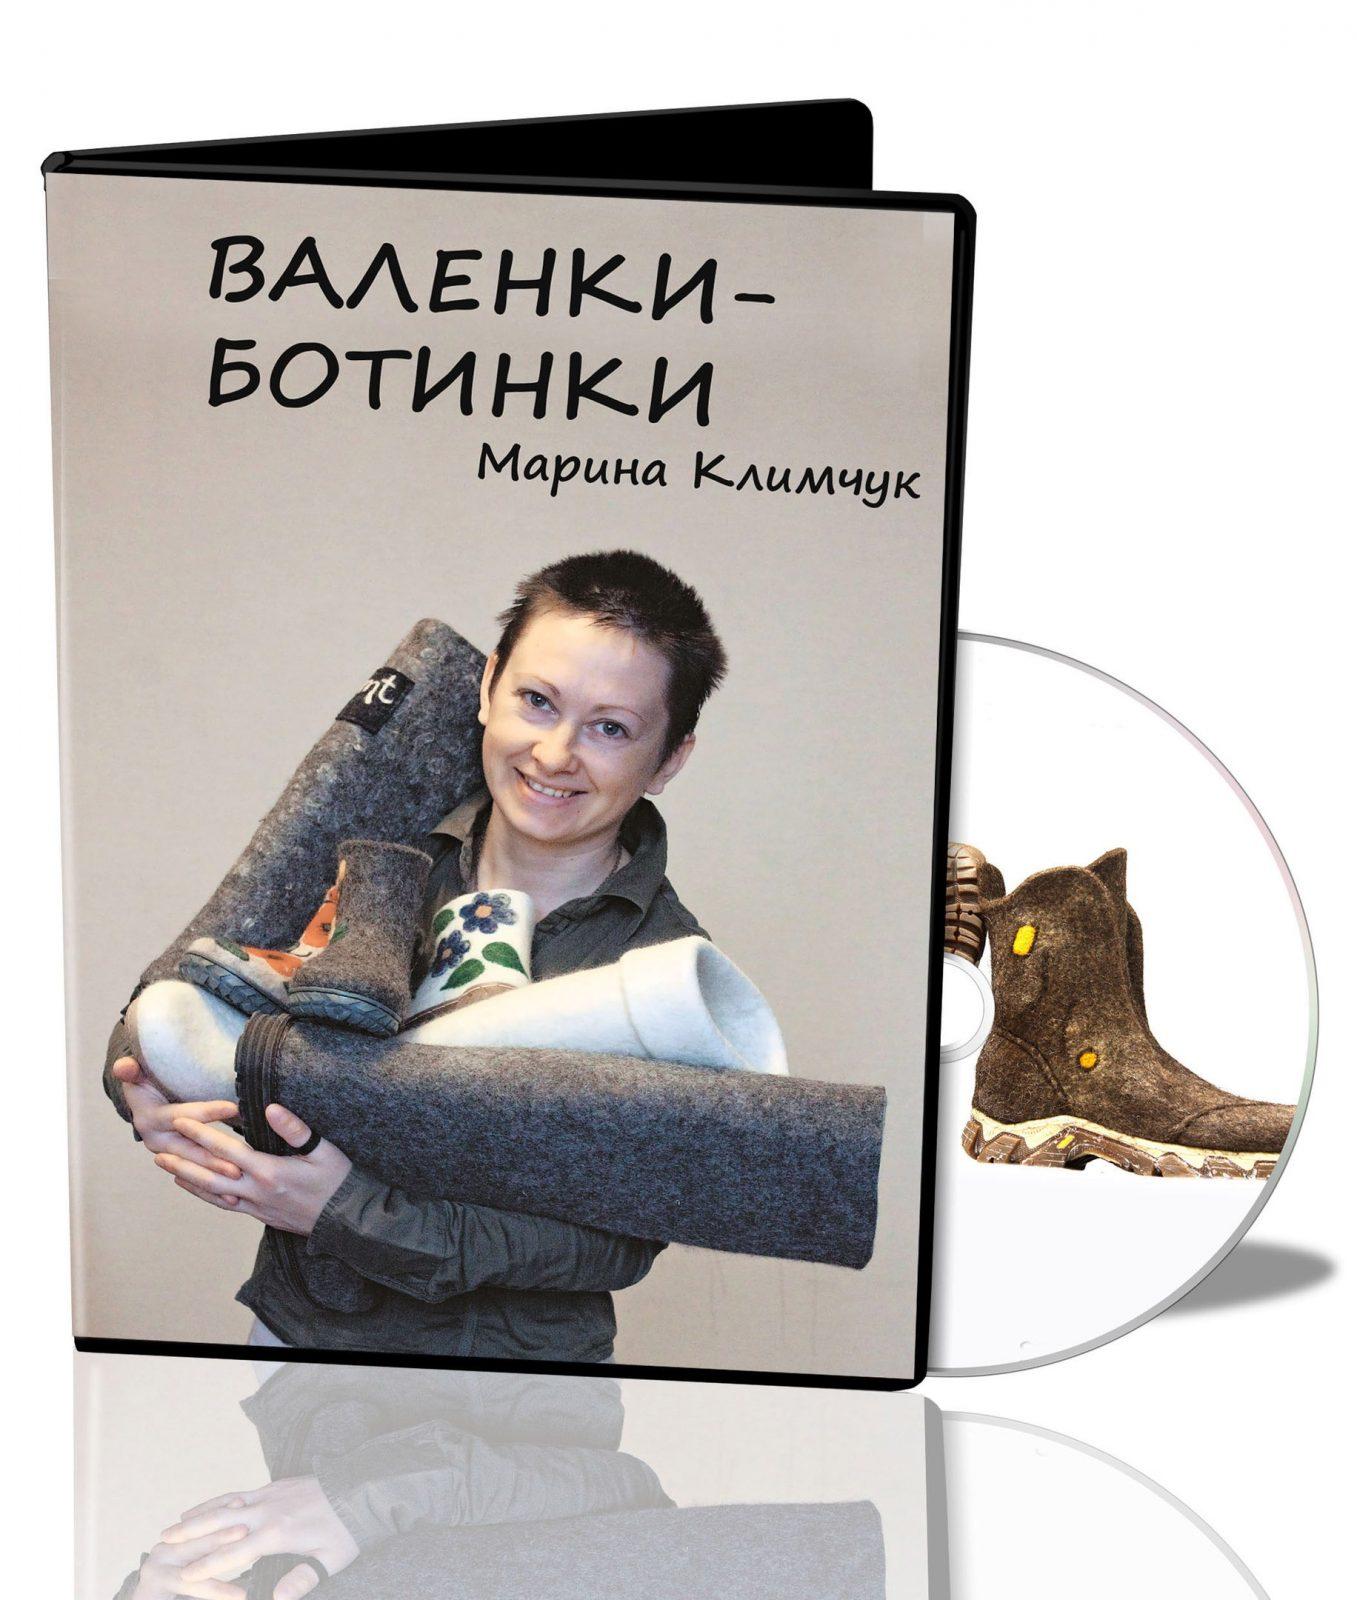 М.Климчук. Практический курс обучения сваливаемости разных сортов шерсти, укрепление - армирование валяной обуви с помощью марли